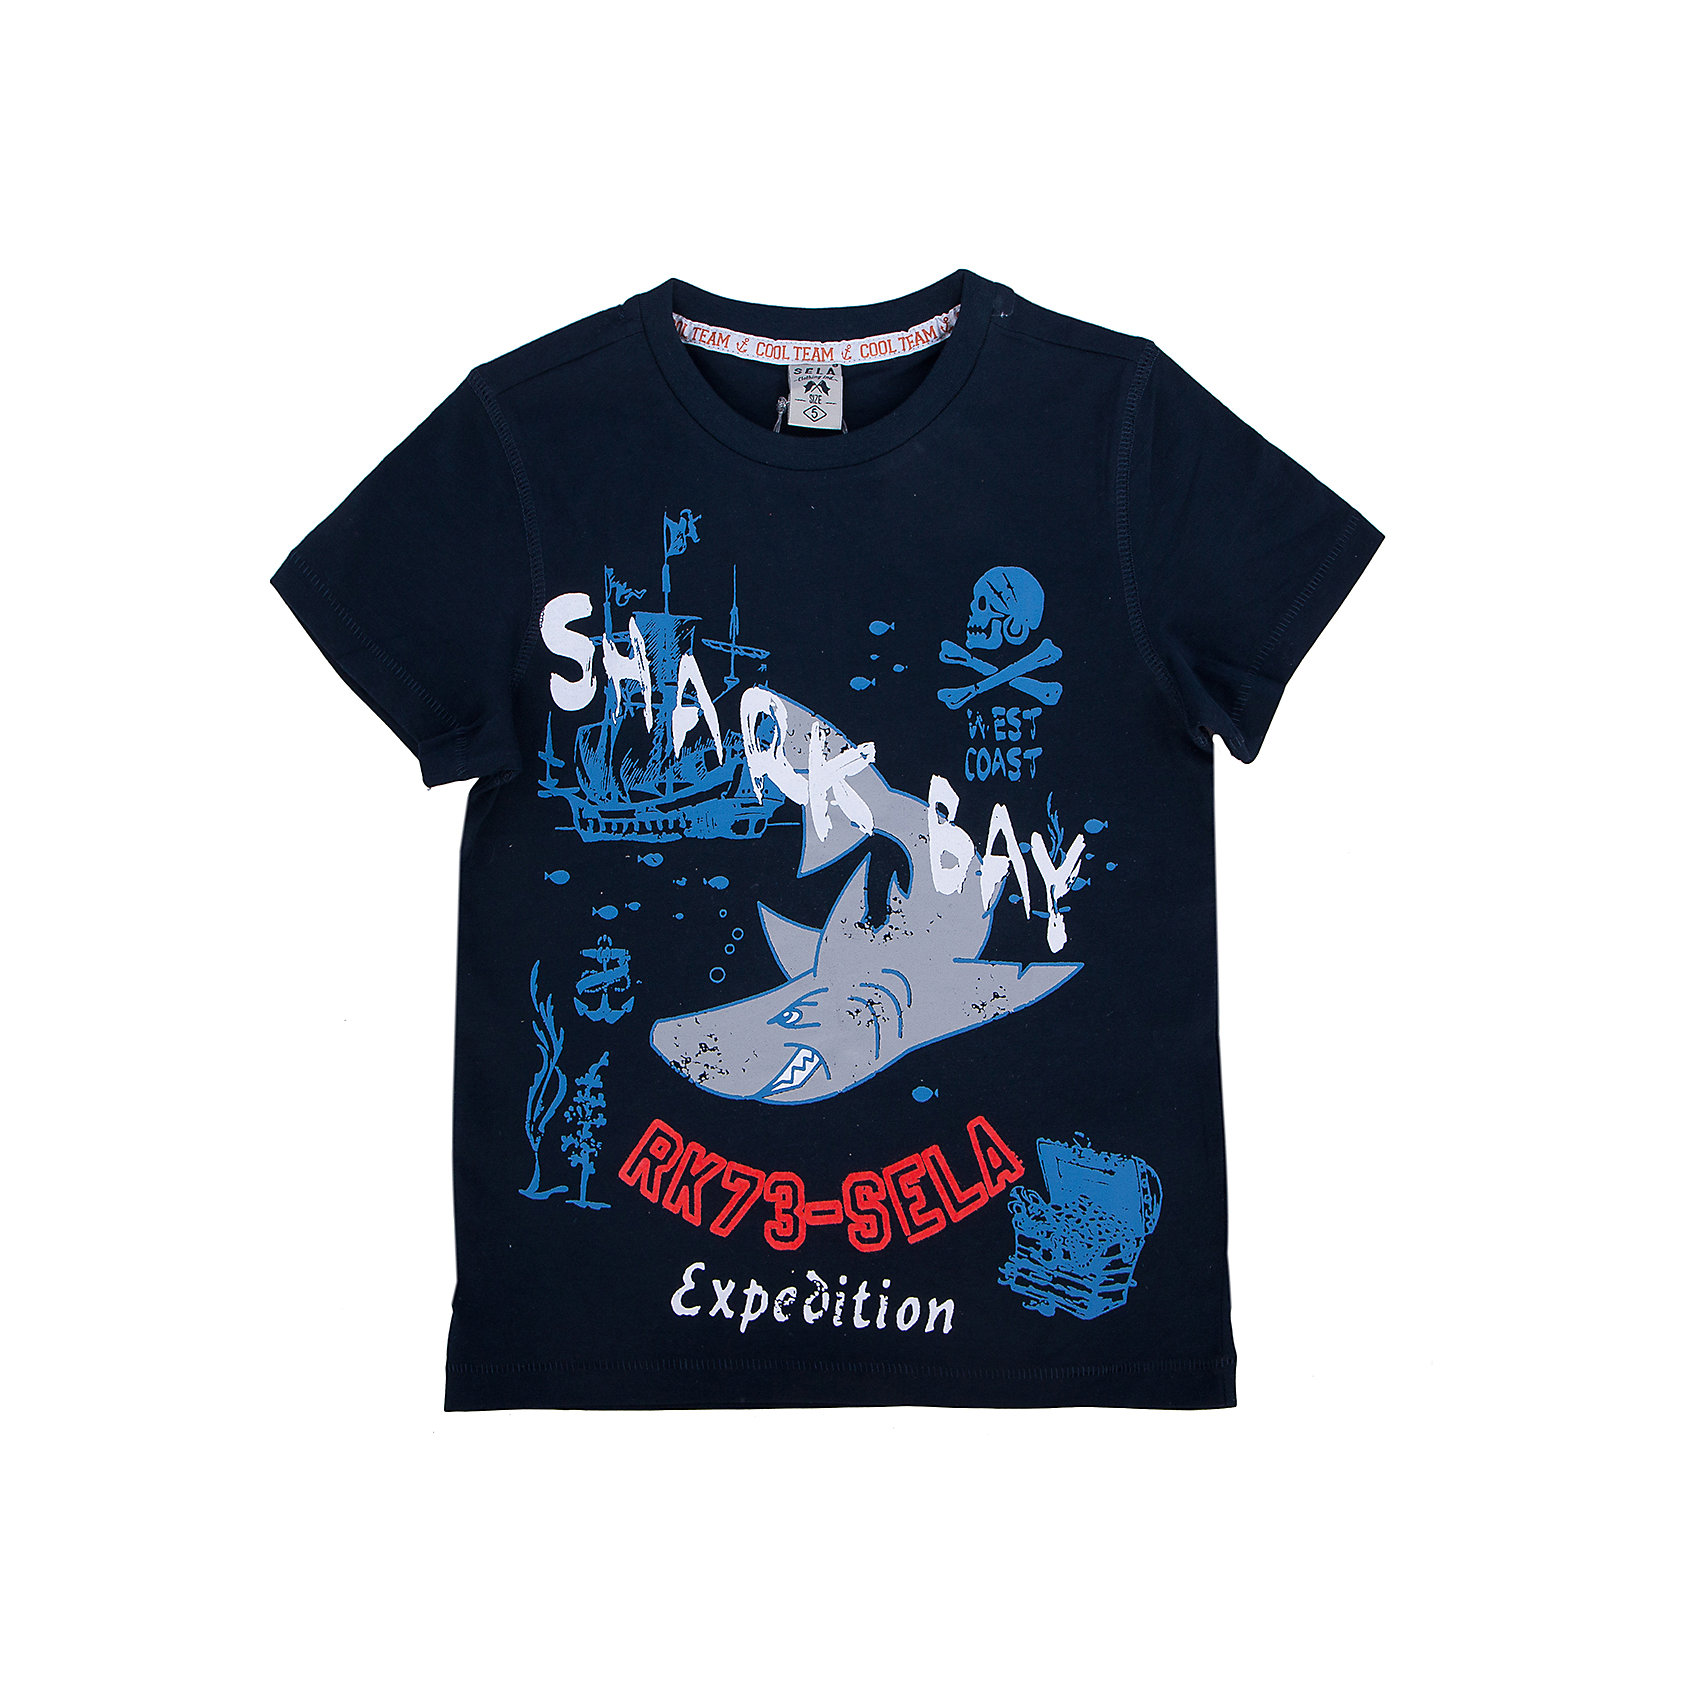 Футболка для мальчика SELAМодная футболка от известной марки SELА поможет разнообразить летний гардероб мальчика, создать легкий подходящий погоде ансамбль. Удобный крой и качественный материал обеспечат ребенку комфорт при ношении этой вещи. <br>На горловине изделия - мягкая окантовка. Материал - натуральный хлопок, дышащий и гипоаллергенный. Футболка декорирована модным принтом.<br><br>Дополнительная информация:<br><br>материал: 100% хлопок;<br>цвет: синий;<br>декорирована принтом;<br>короткие рукава;<br>круглый горловой вырез;<br>уход за изделием: стирка в машине при температуре до 30°С, не отбеливать, гладить при низкой температуре.<br><br>Футболку от бренда SELА (Села) можно купить в нашем магазине.<br><br>Ширина мм: 230<br>Глубина мм: 40<br>Высота мм: 220<br>Вес г: 250<br>Цвет: синий<br>Возраст от месяцев: 18<br>Возраст до месяцев: 24<br>Пол: Мужской<br>Возраст: Детский<br>Размер: 110,92,116,104,98<br>SKU: 4741237